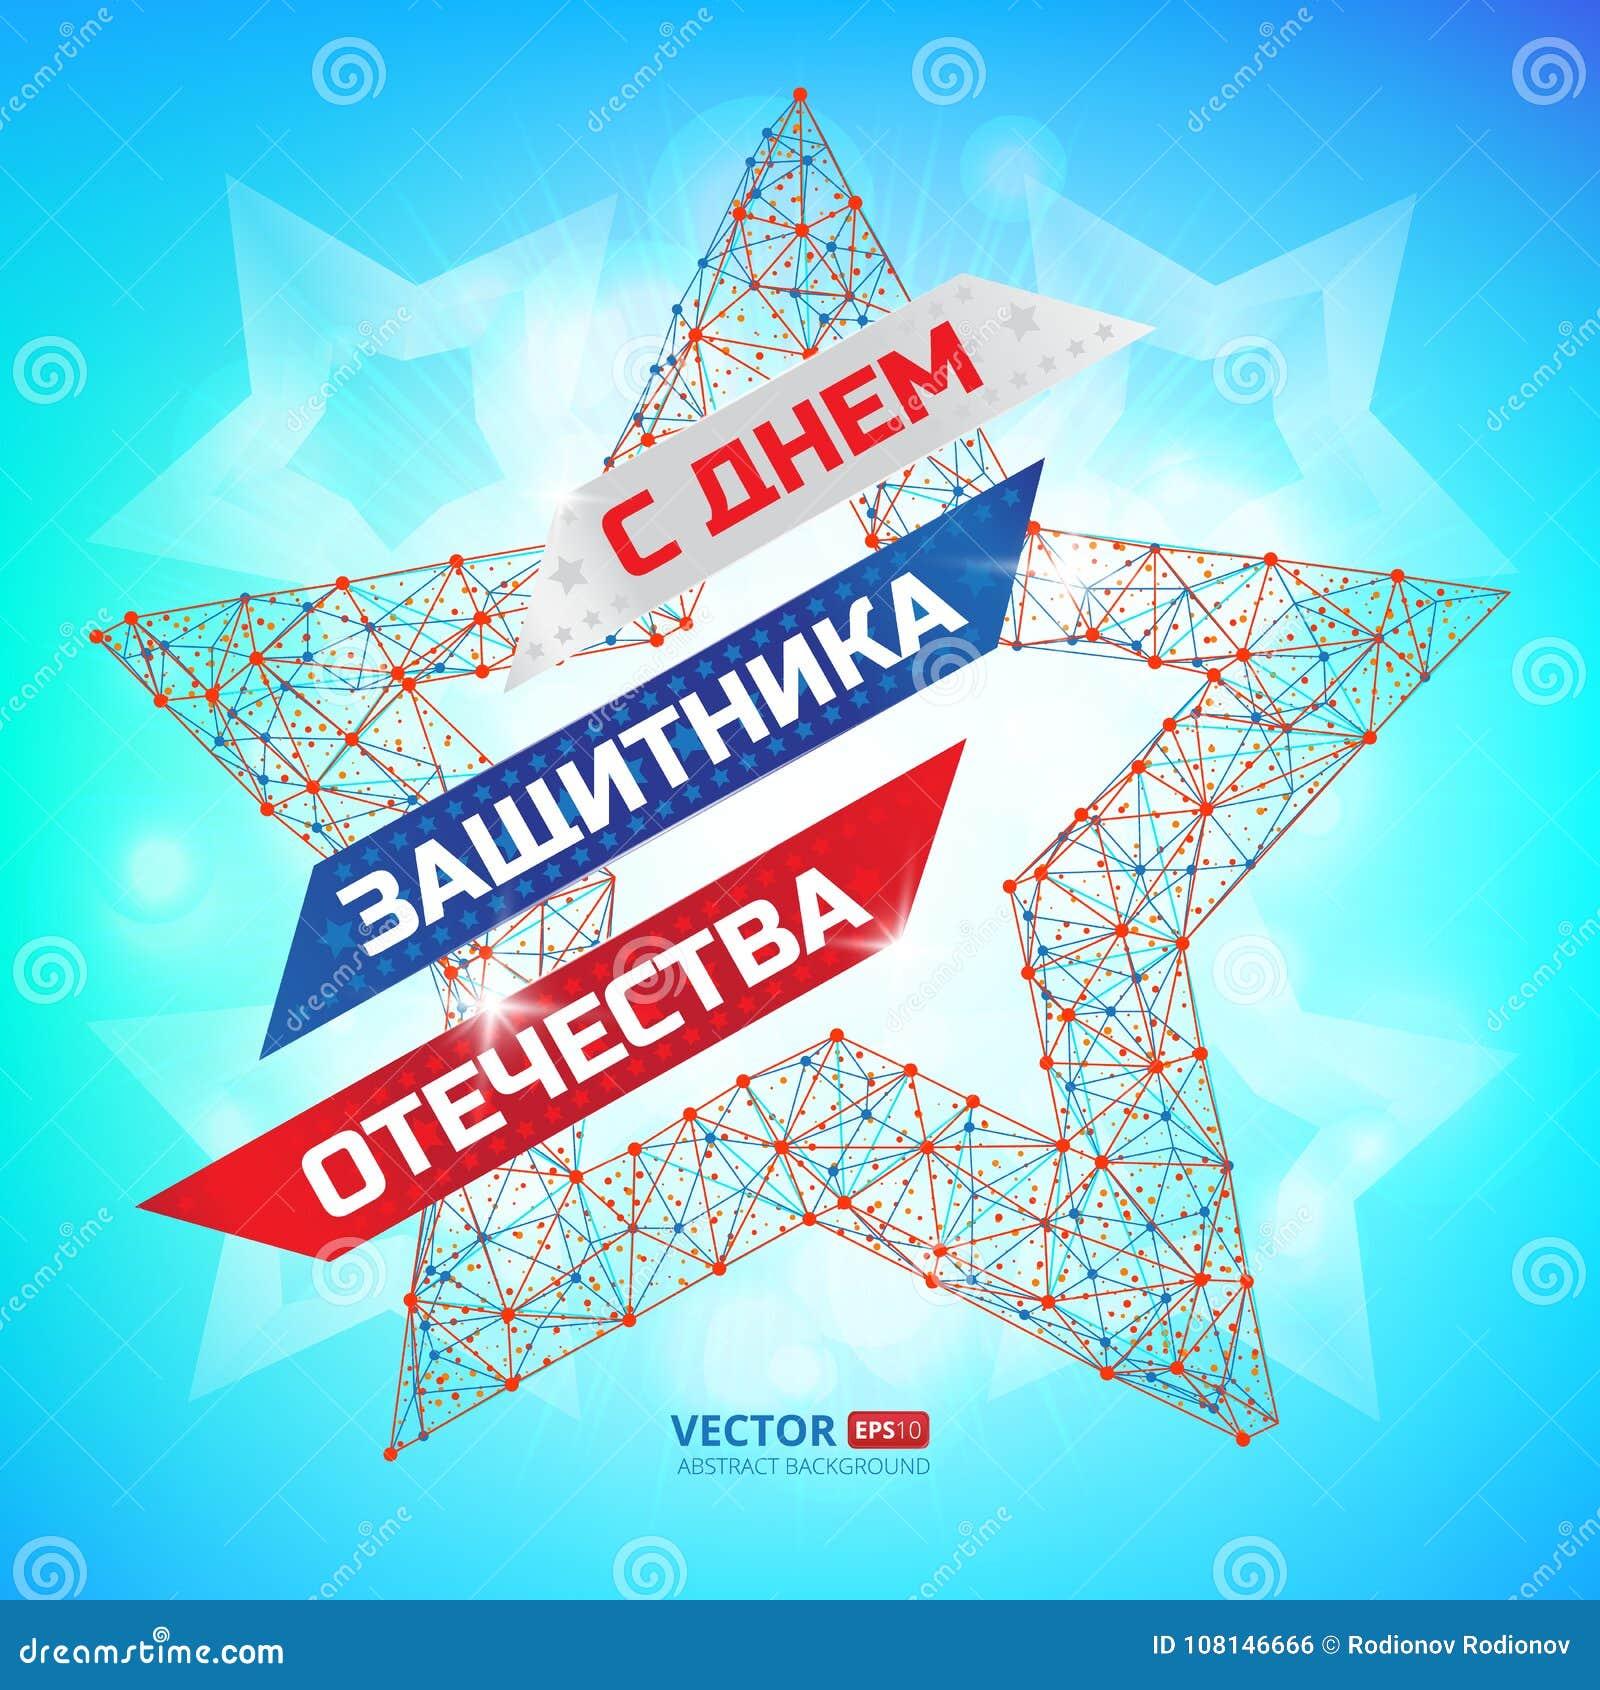 Διανυσματική απεικόνιση στο ρωσικό στις 23 Φεβρουαρίου εθνικής εορτής Πατριωτικός εορτασμός στρατιωτικός στη Ρωσία με το ρωσικό κ